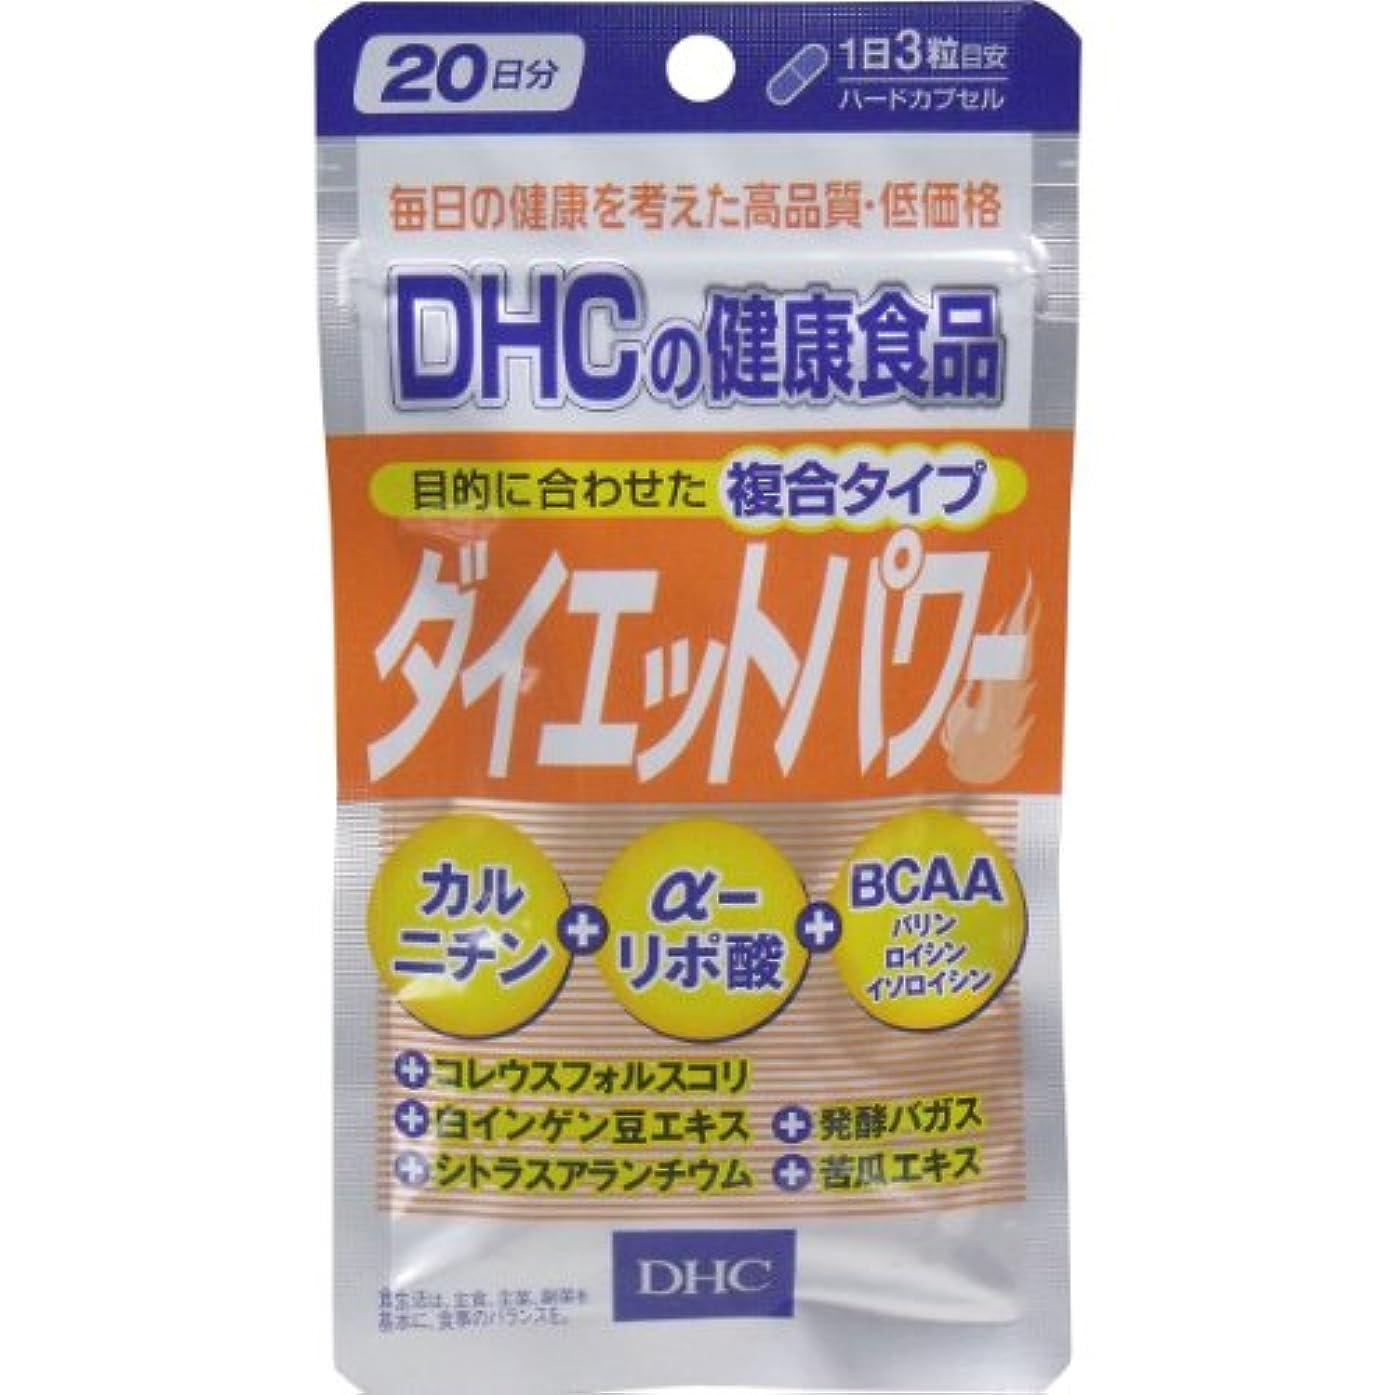 中世のアンビエント秀でるDHC ダイエットパワー 60粒入 20日分